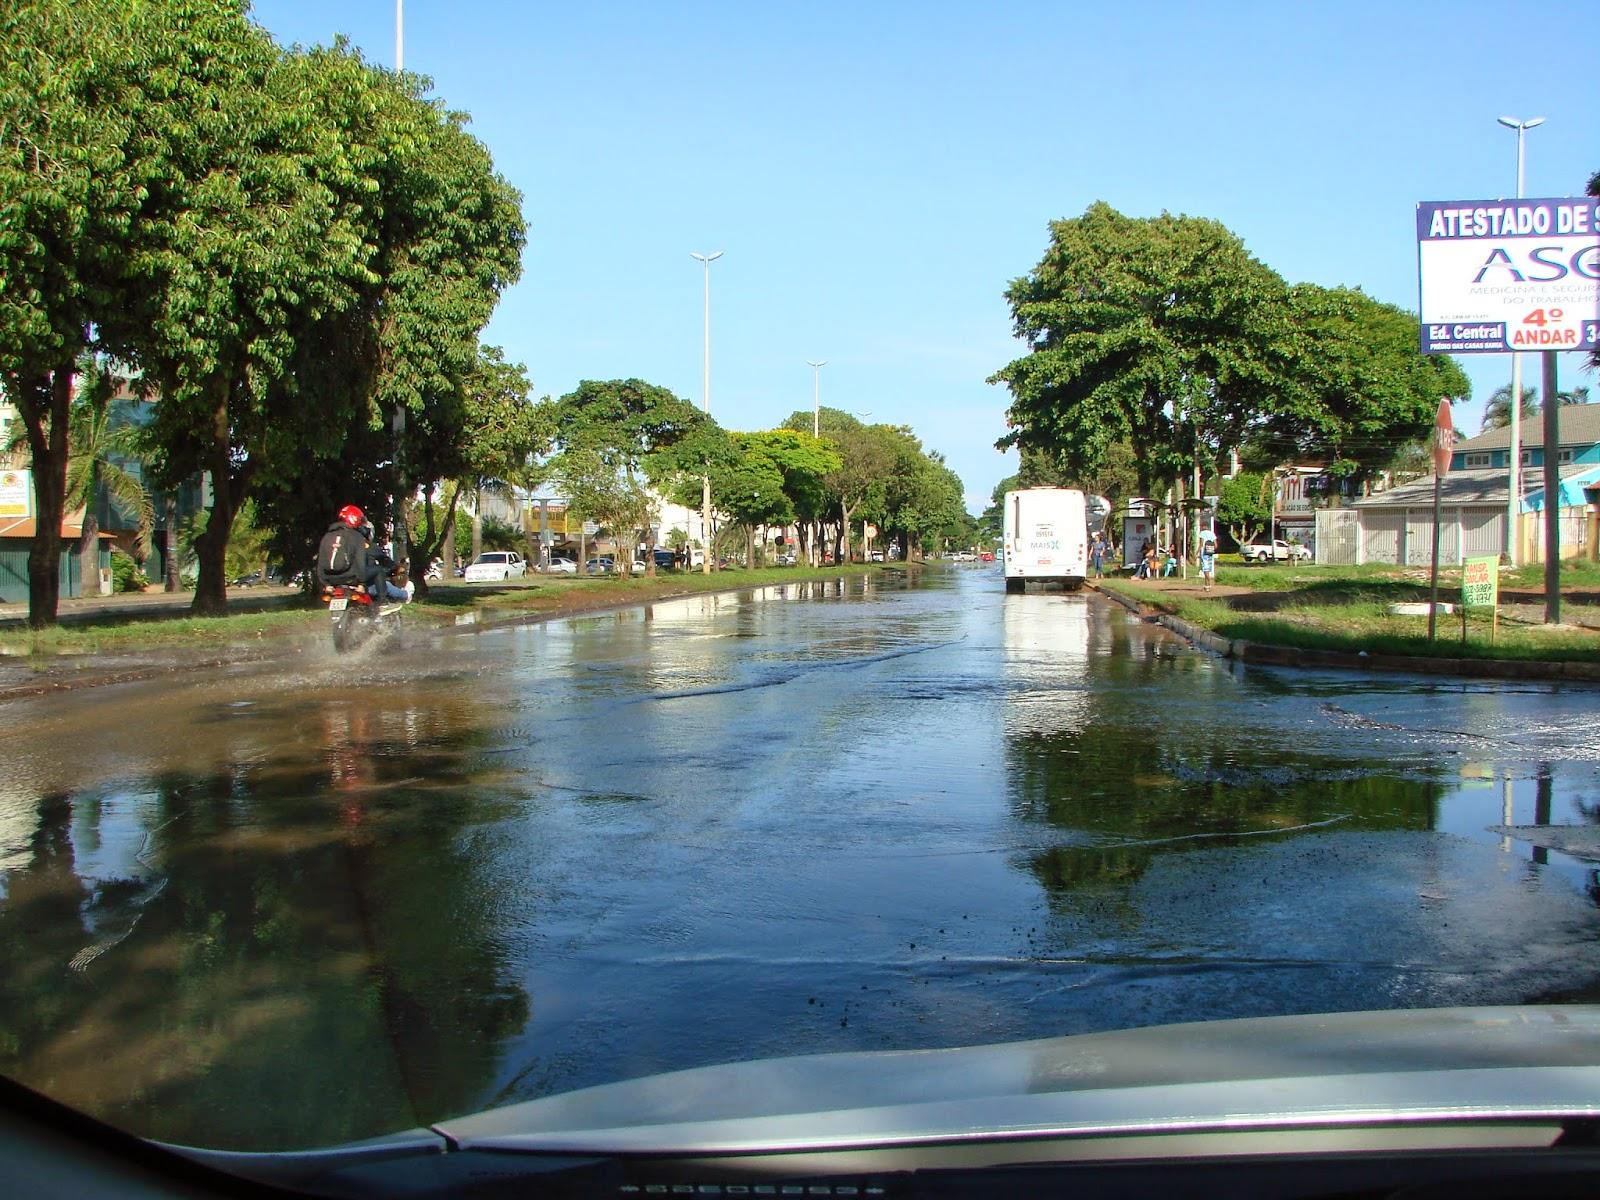 As águas vão rolar até quando? Cano da Caesb estoura e inunda avenida importante do Gama